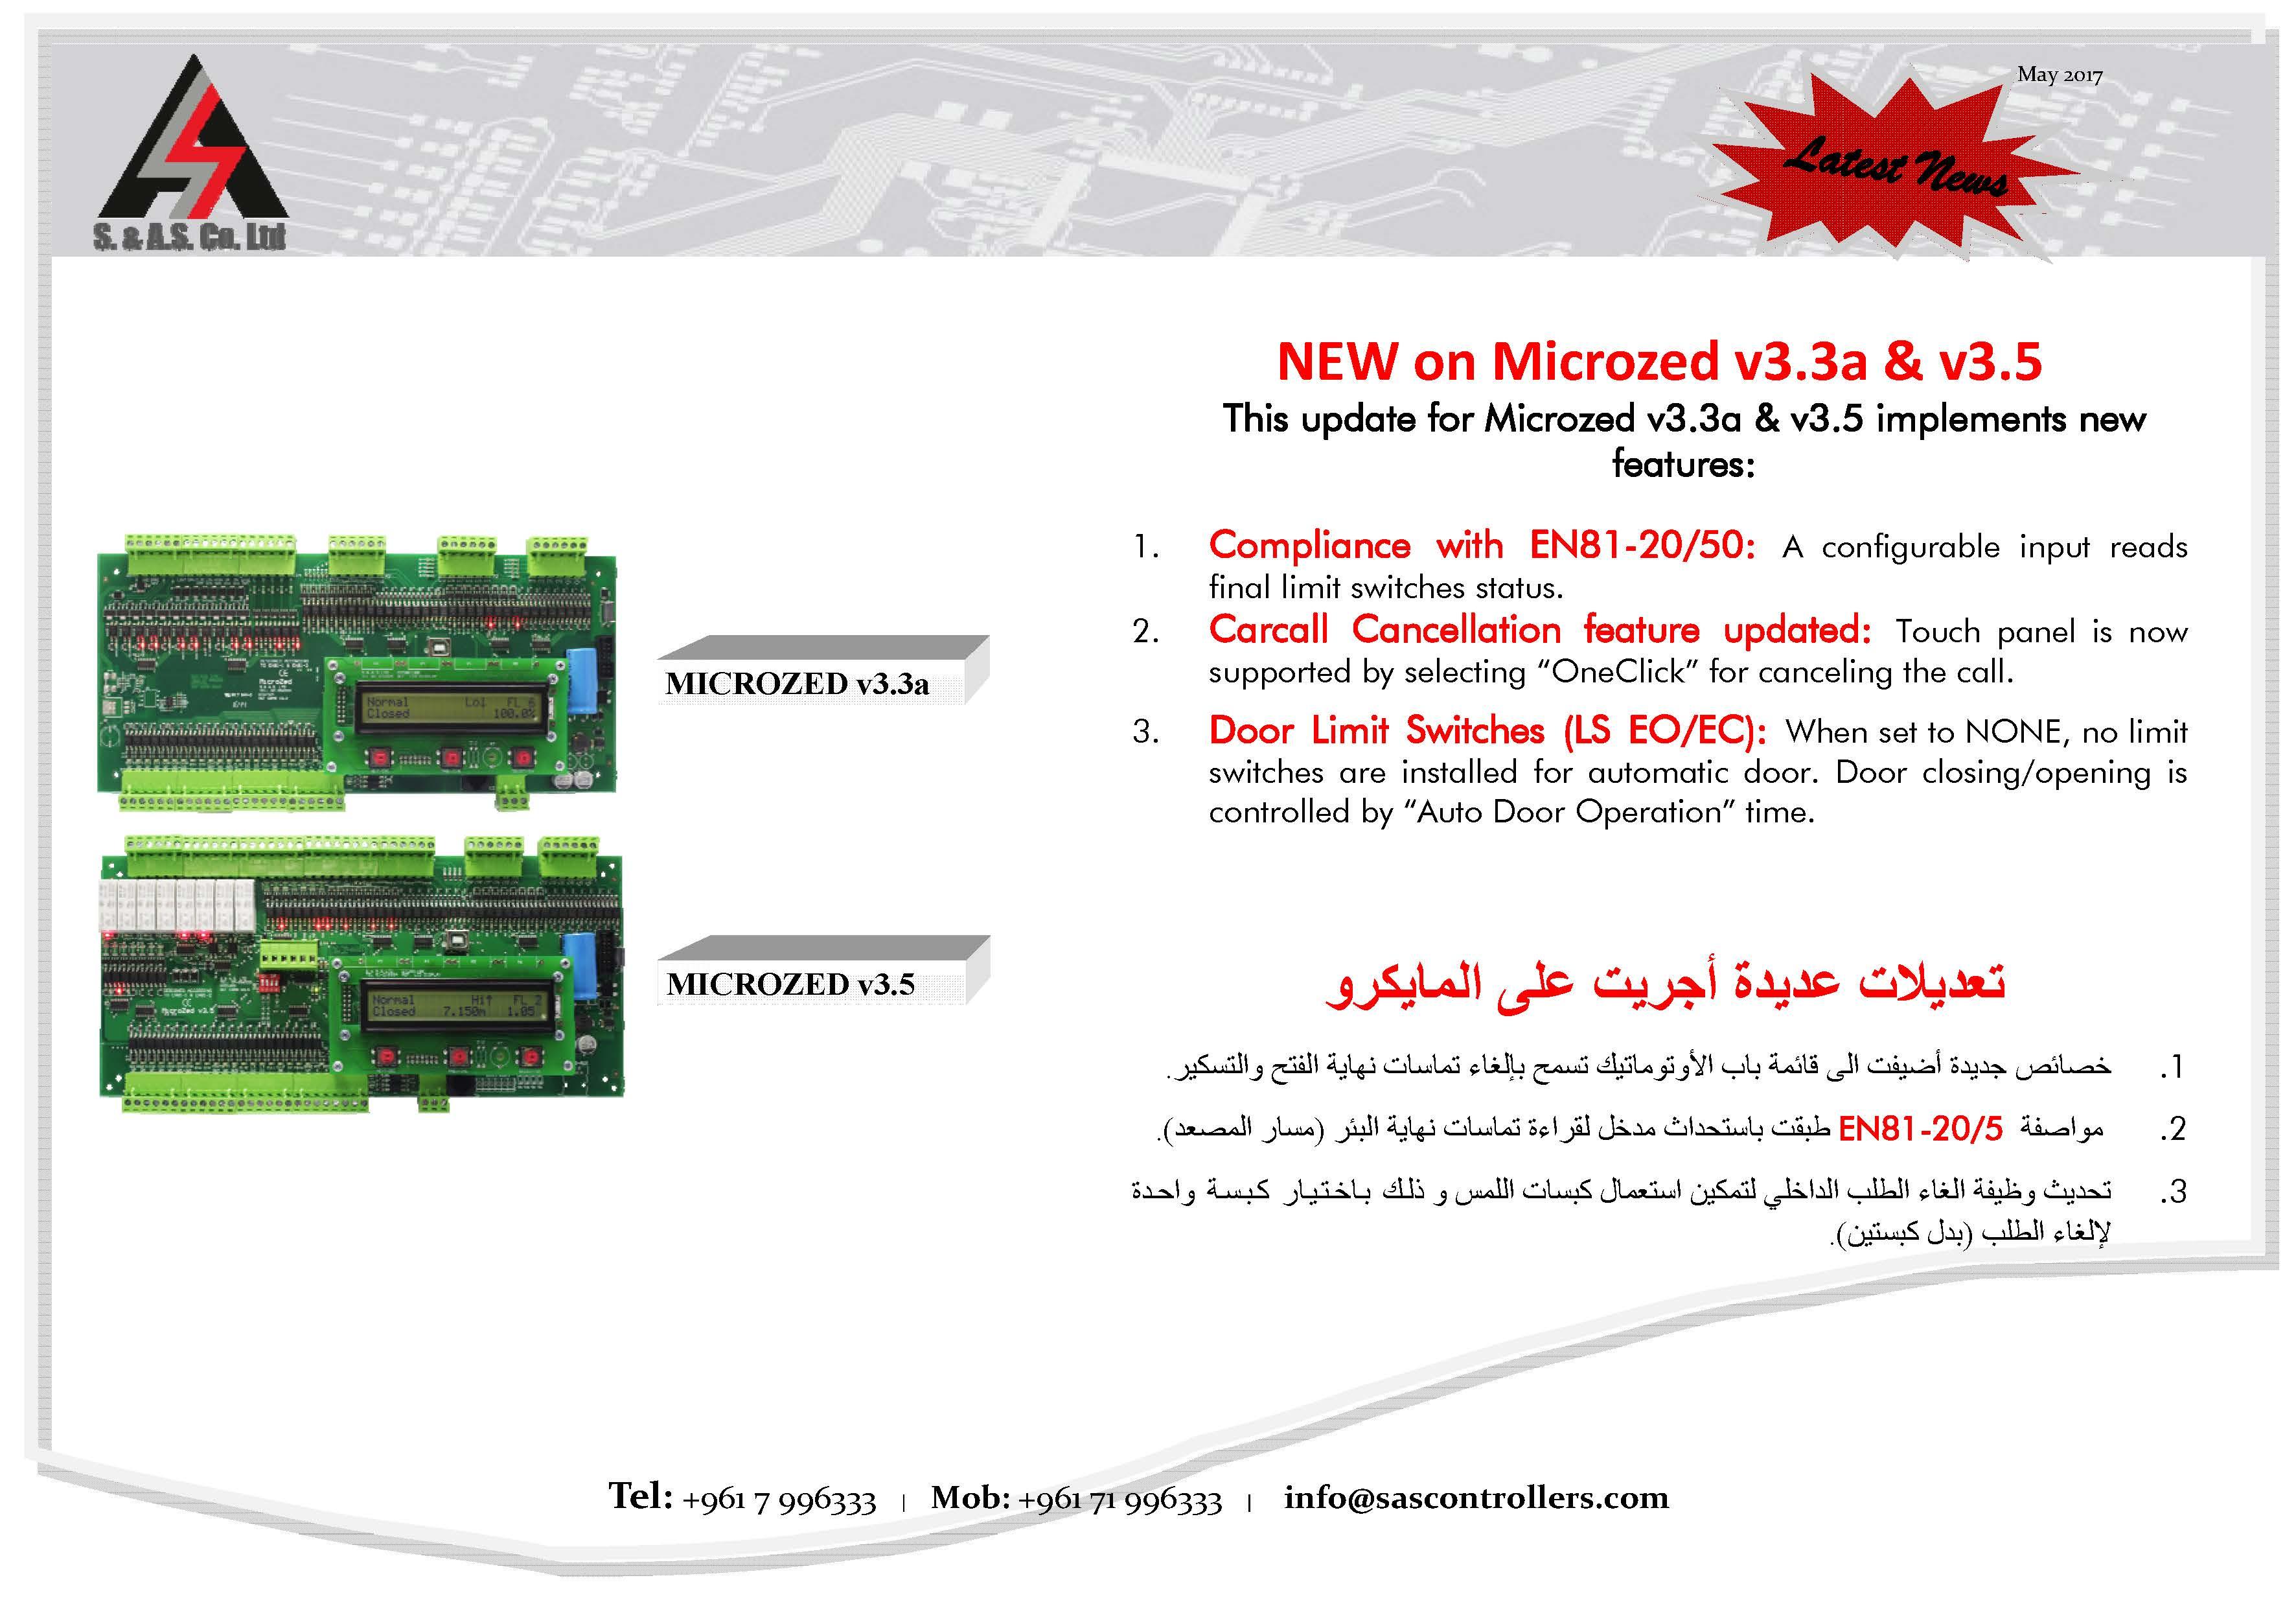 Microzed v3.3a & v3.5